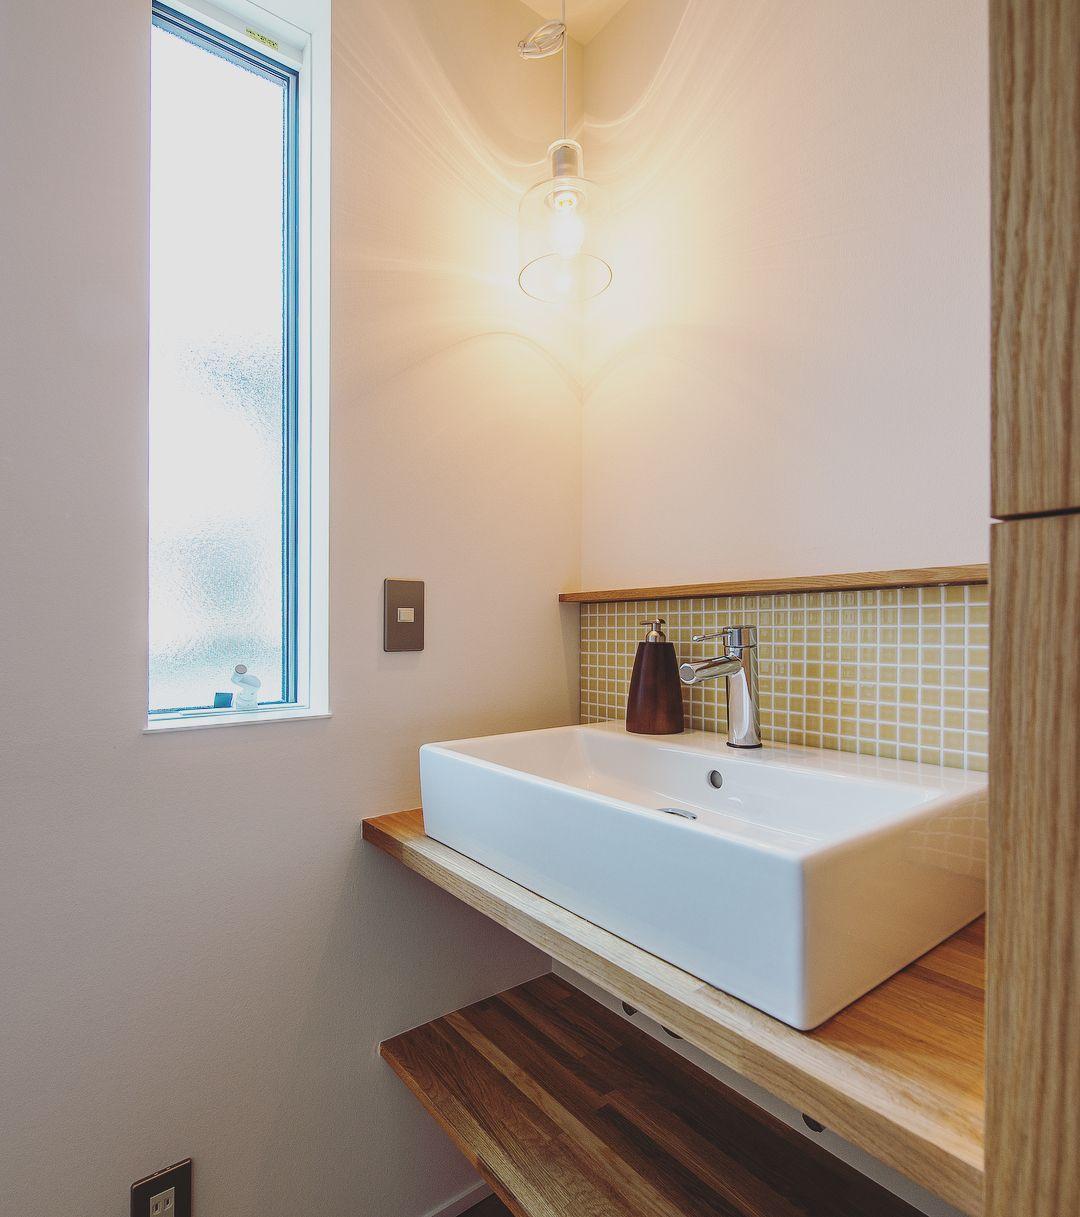 西岡本の家 1階のトイレ前に設計された 洗面台 照明の灯りがあると ないとでは 雰囲気がガラリと変わります 洗面台 洗面 照明 灯り タイル 豊かな暮らし 住まい 注文住宅 マイホーム 計画 一戸建て 木造住宅 工務店 小さな家 自然 シンプル